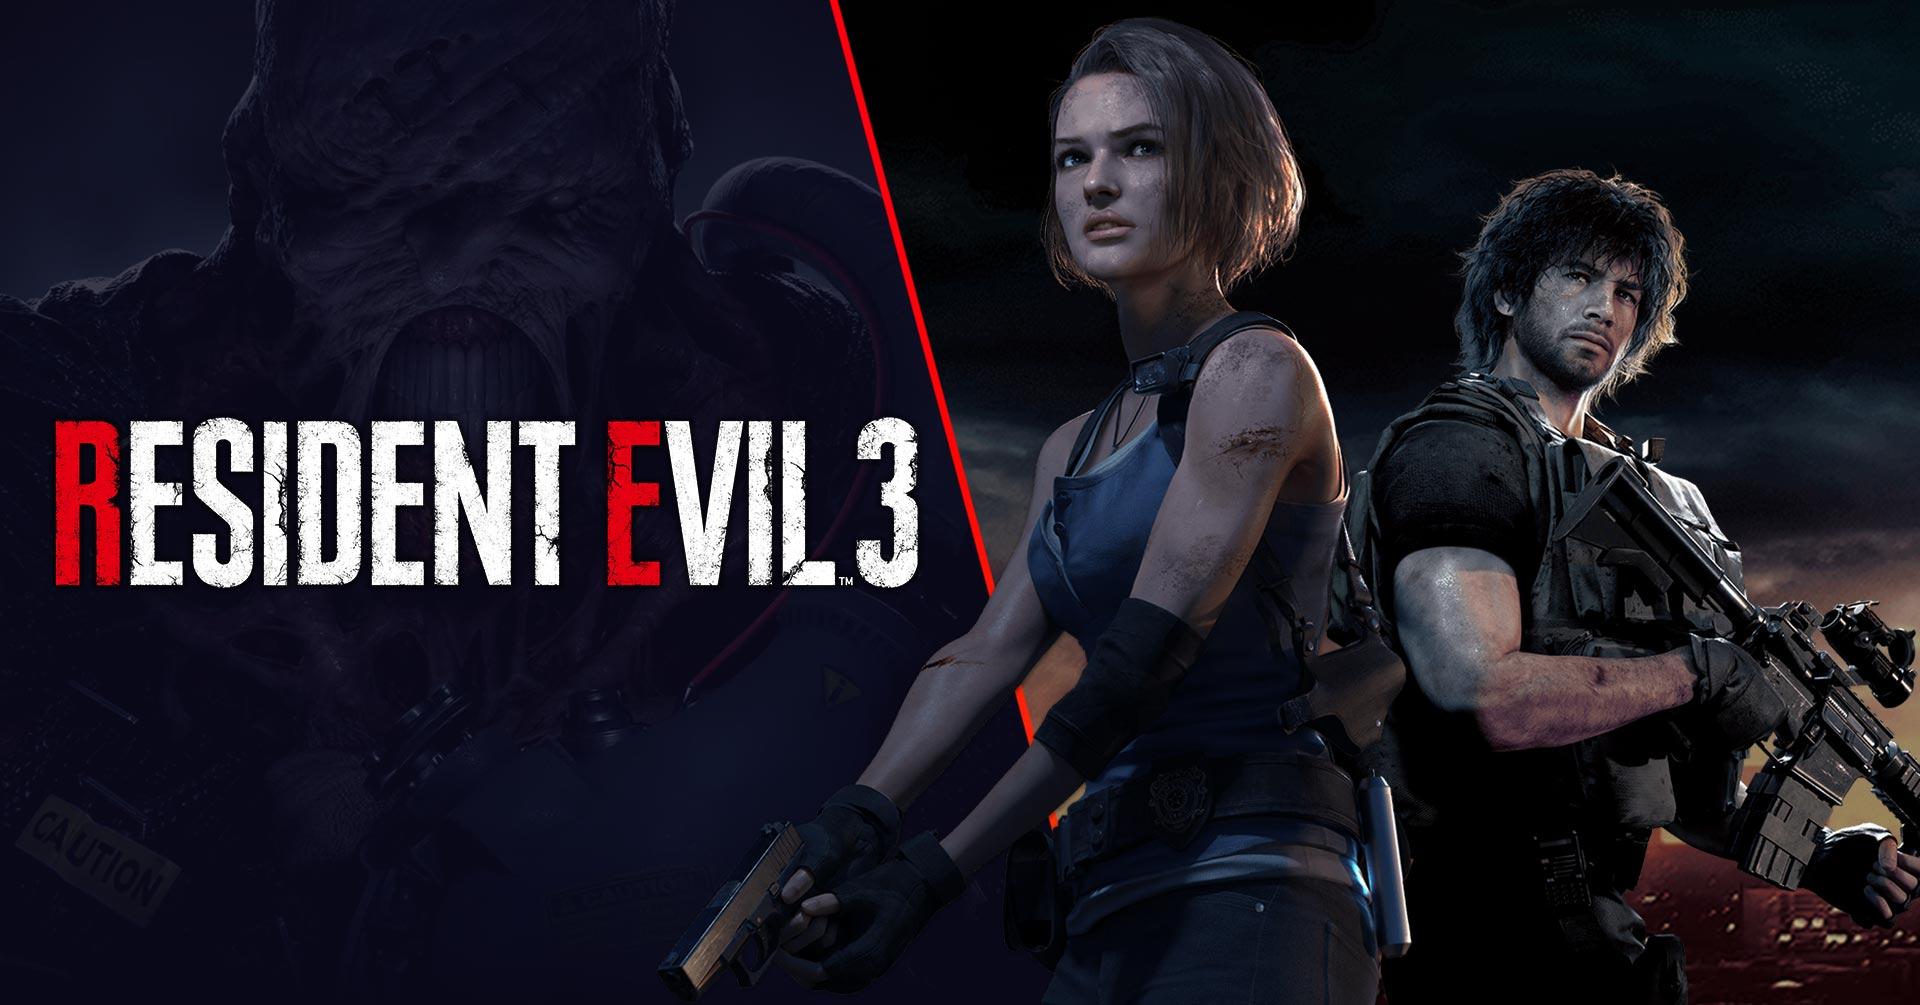 Resident Evil 3 for PS4 & XONE